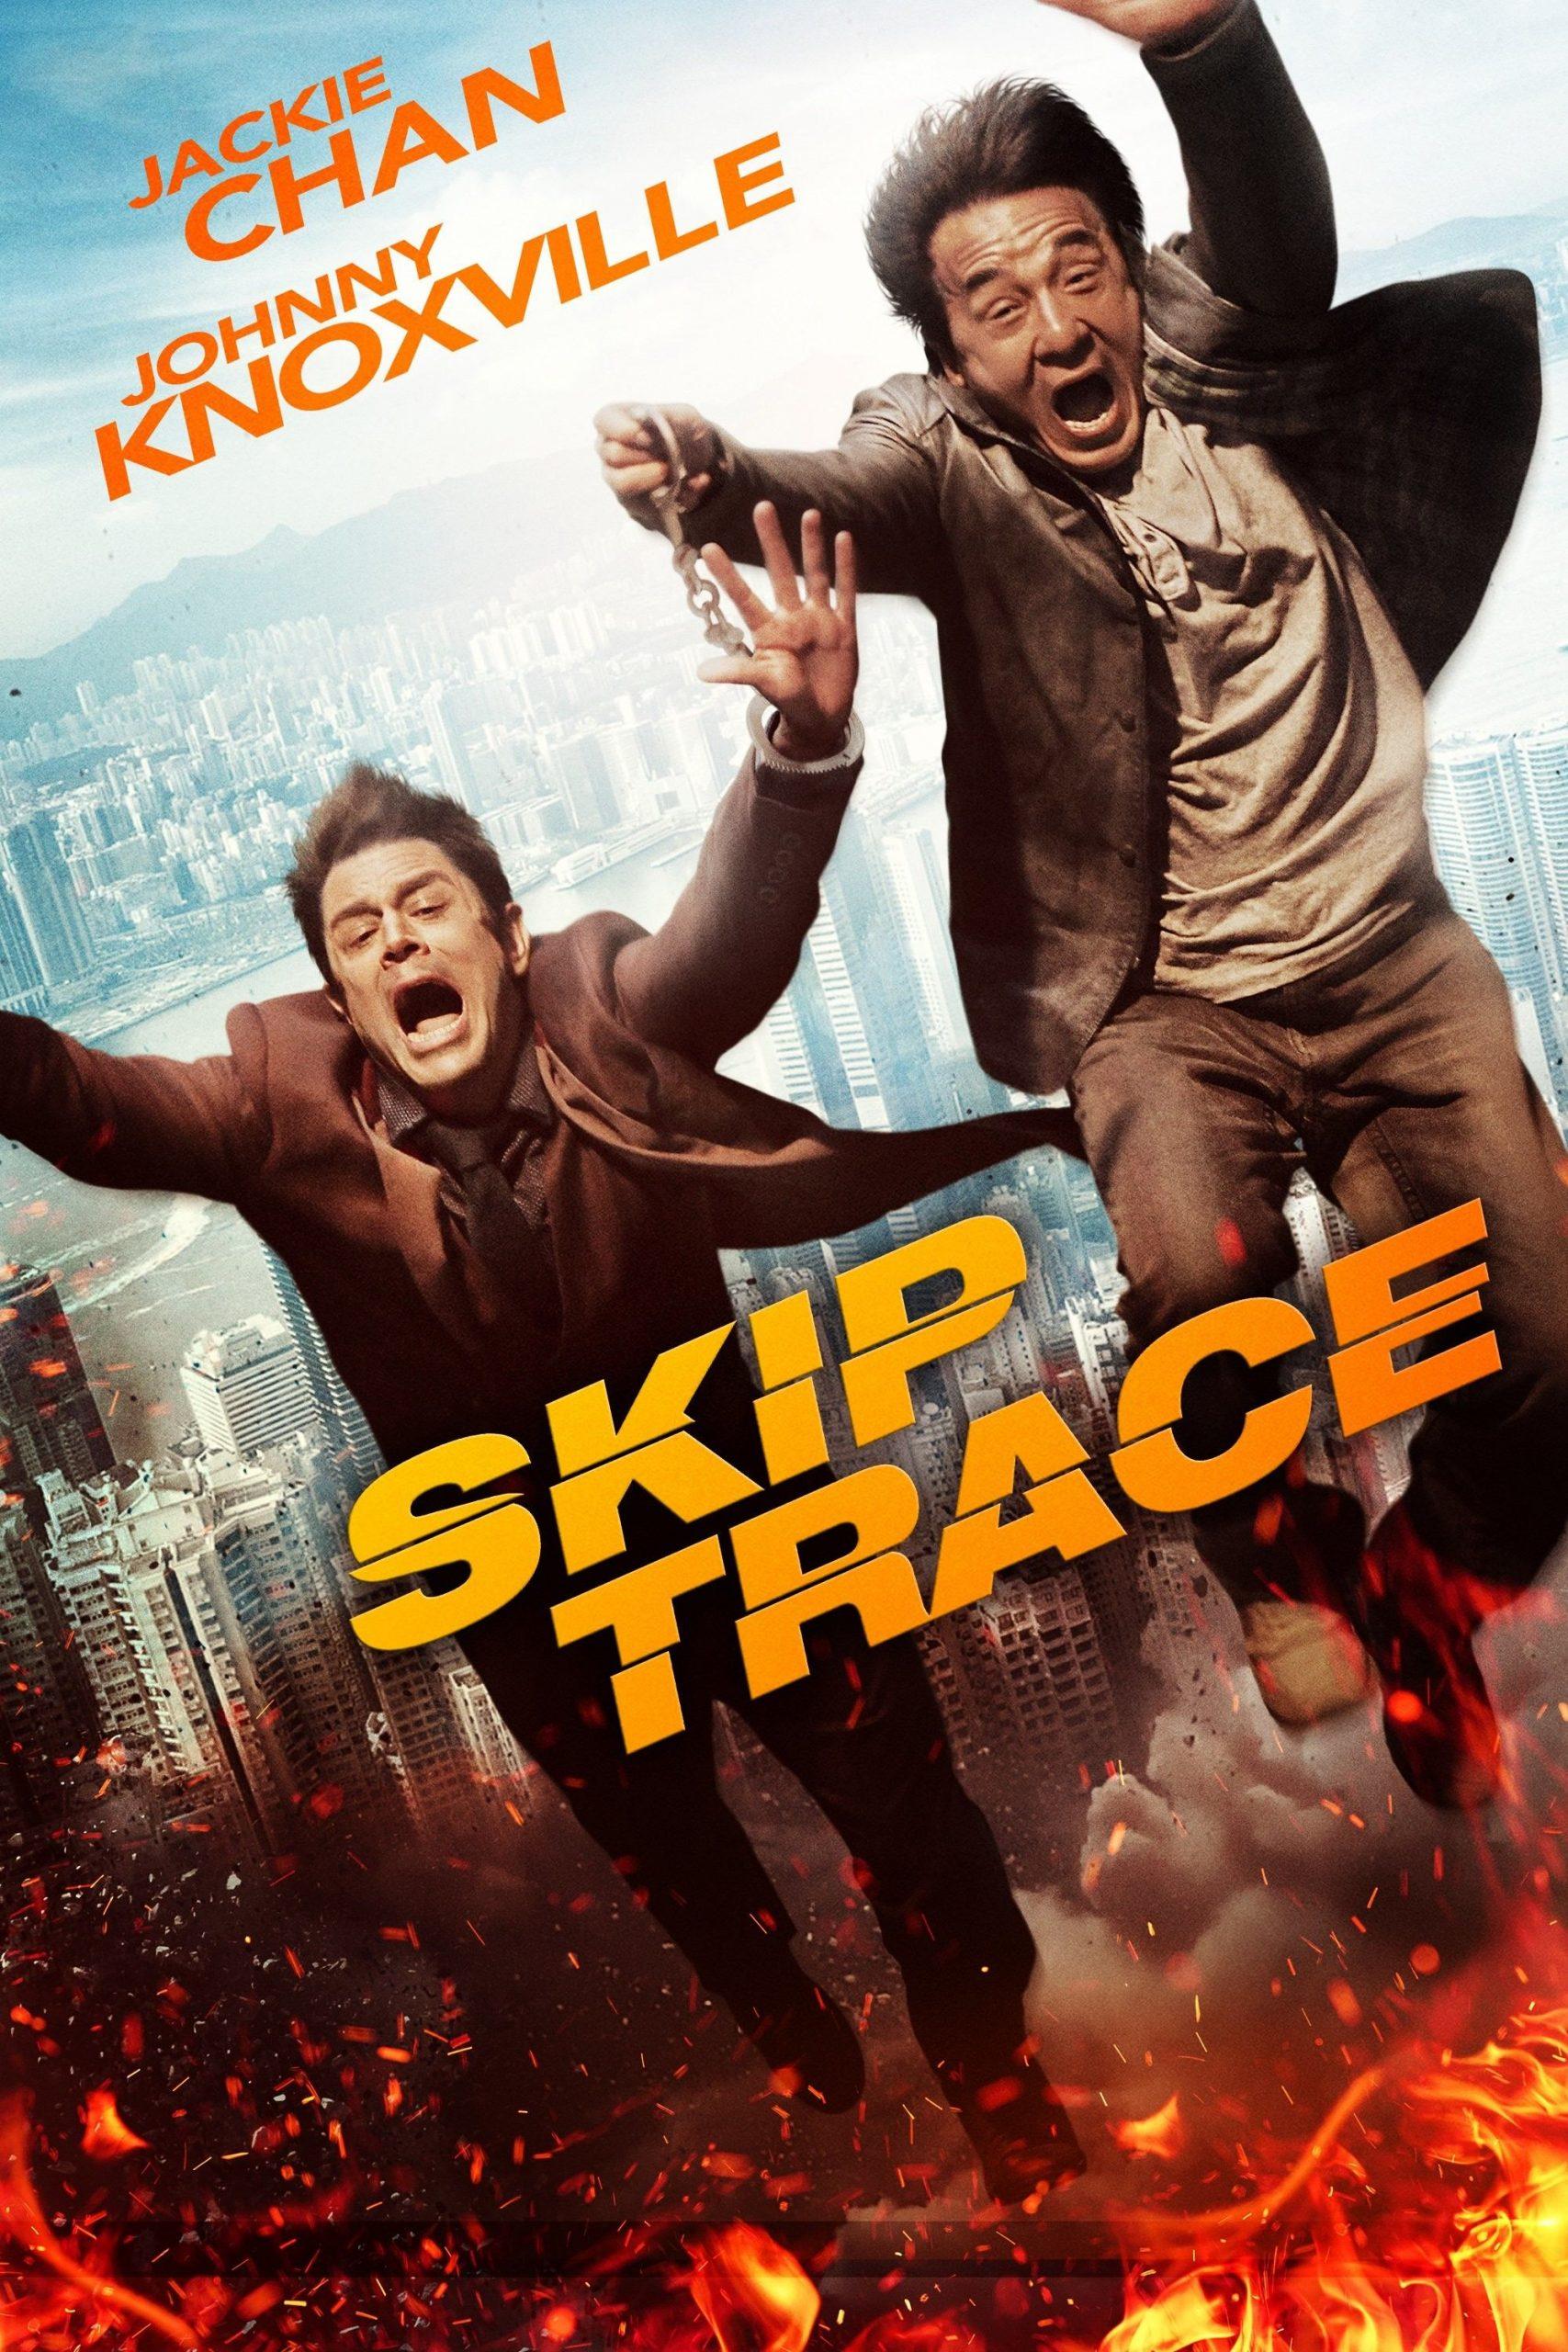 دانلود فیلم Skiptrace 2016 با دوبله فارسی